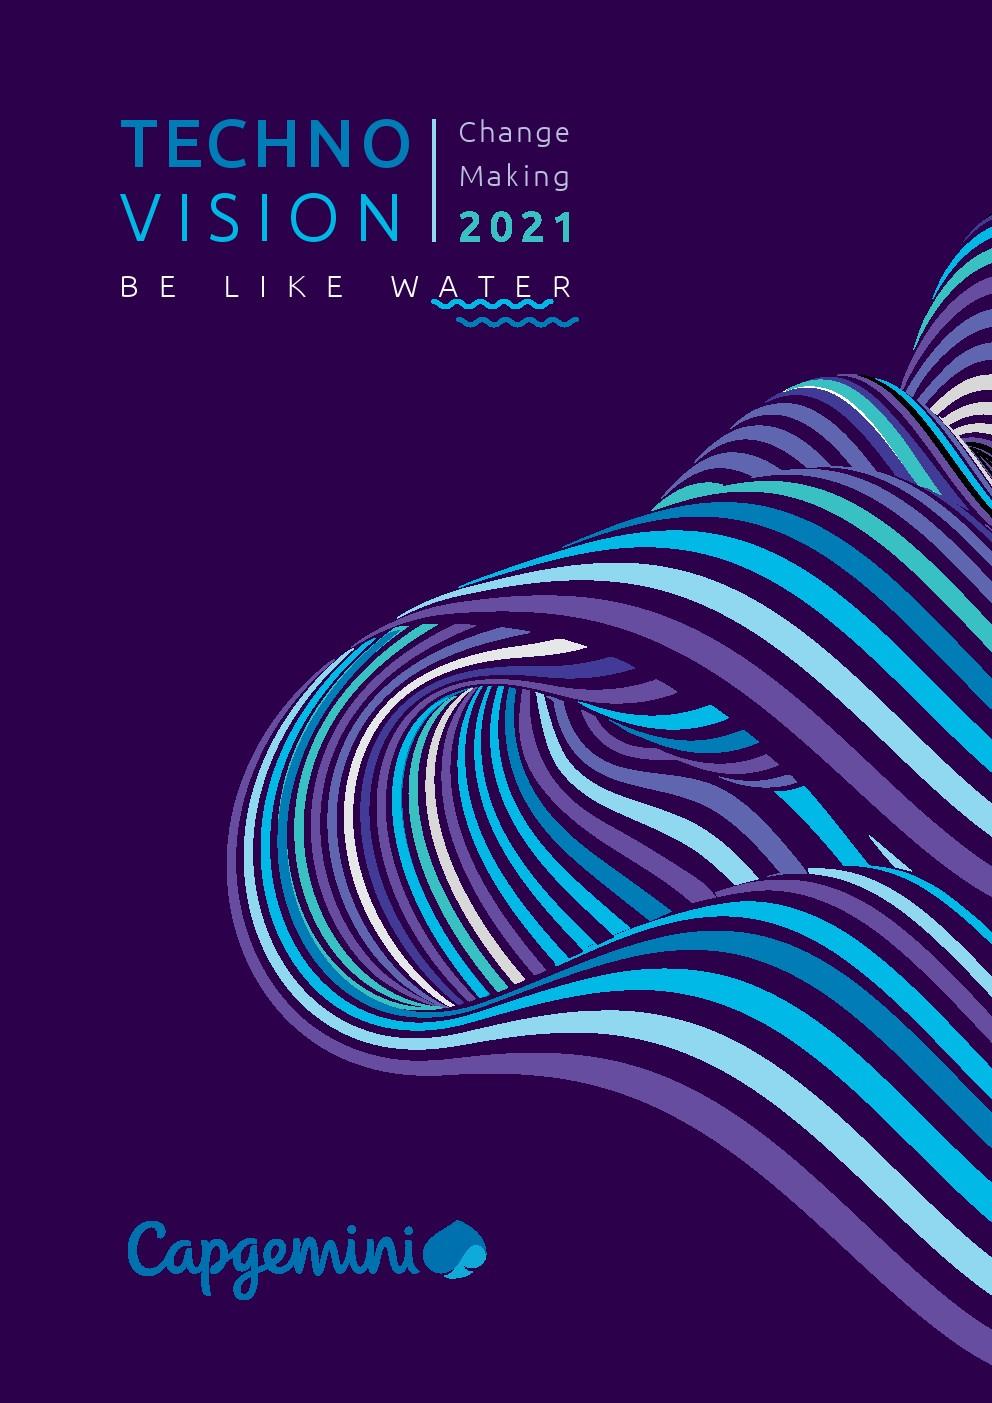 凯捷:2021年技术愿景报告